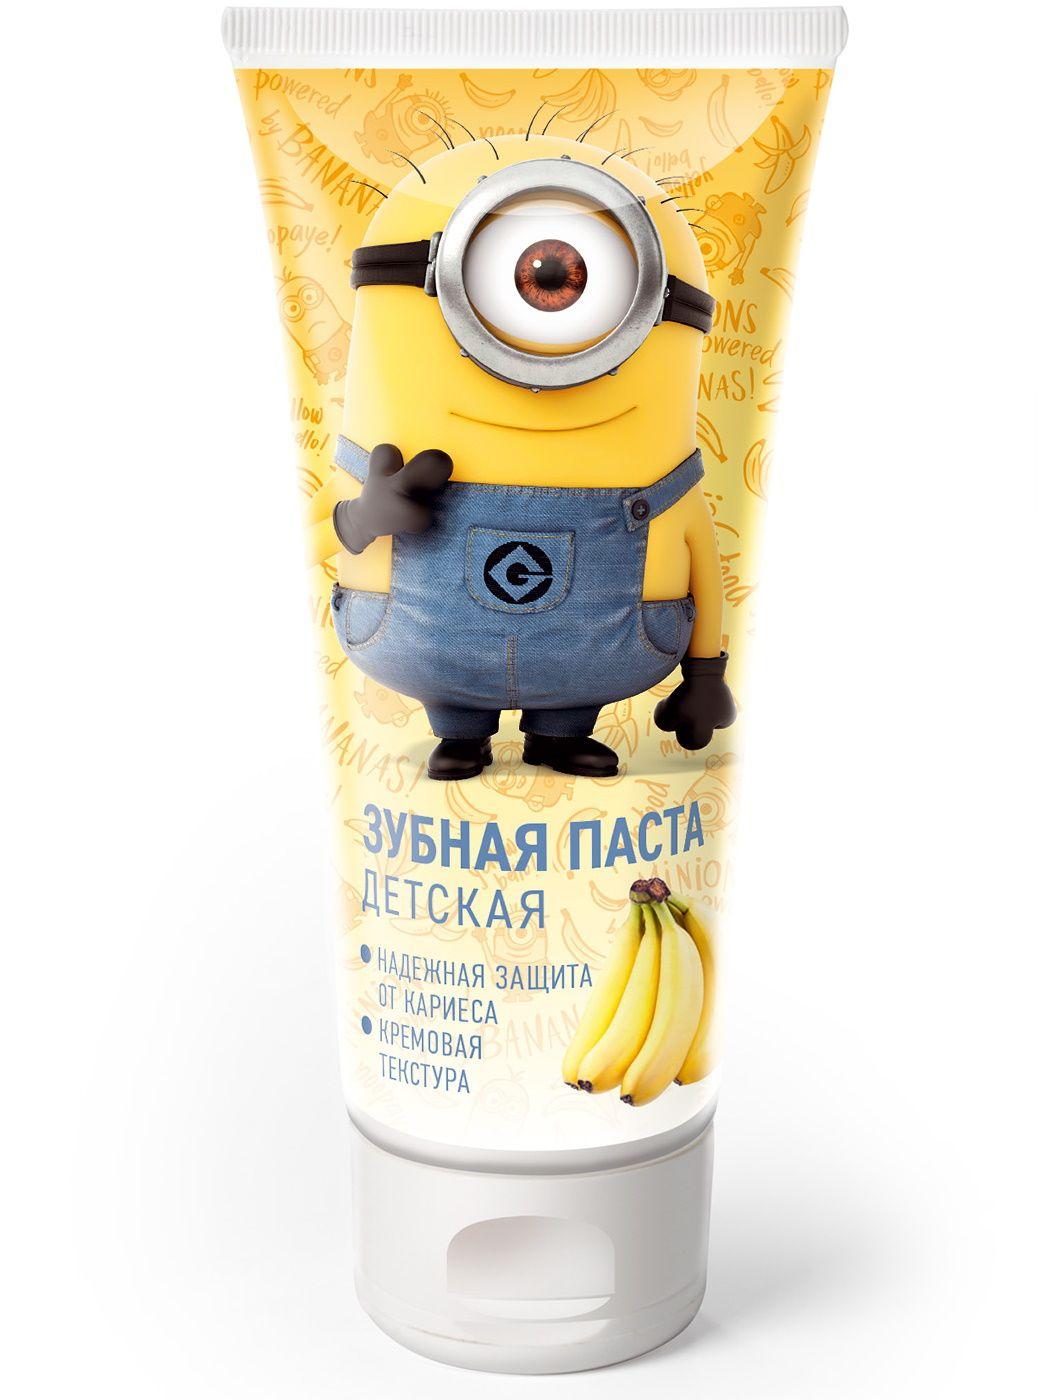 Зубная паста для детей Гадкий Я банан 60 г.